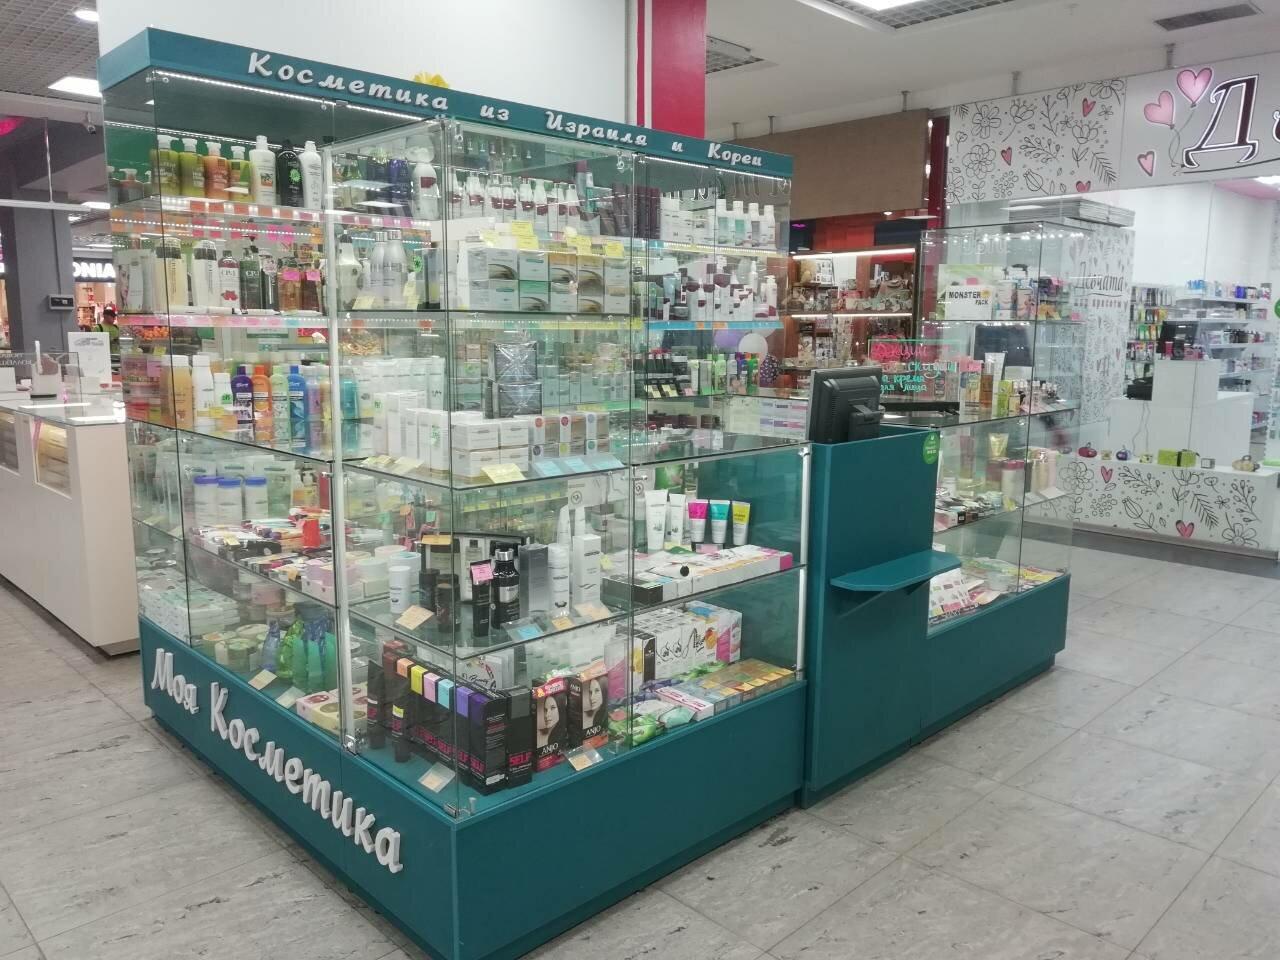 Косметика в иркутске где купить купить хорошую косметику для макияжа